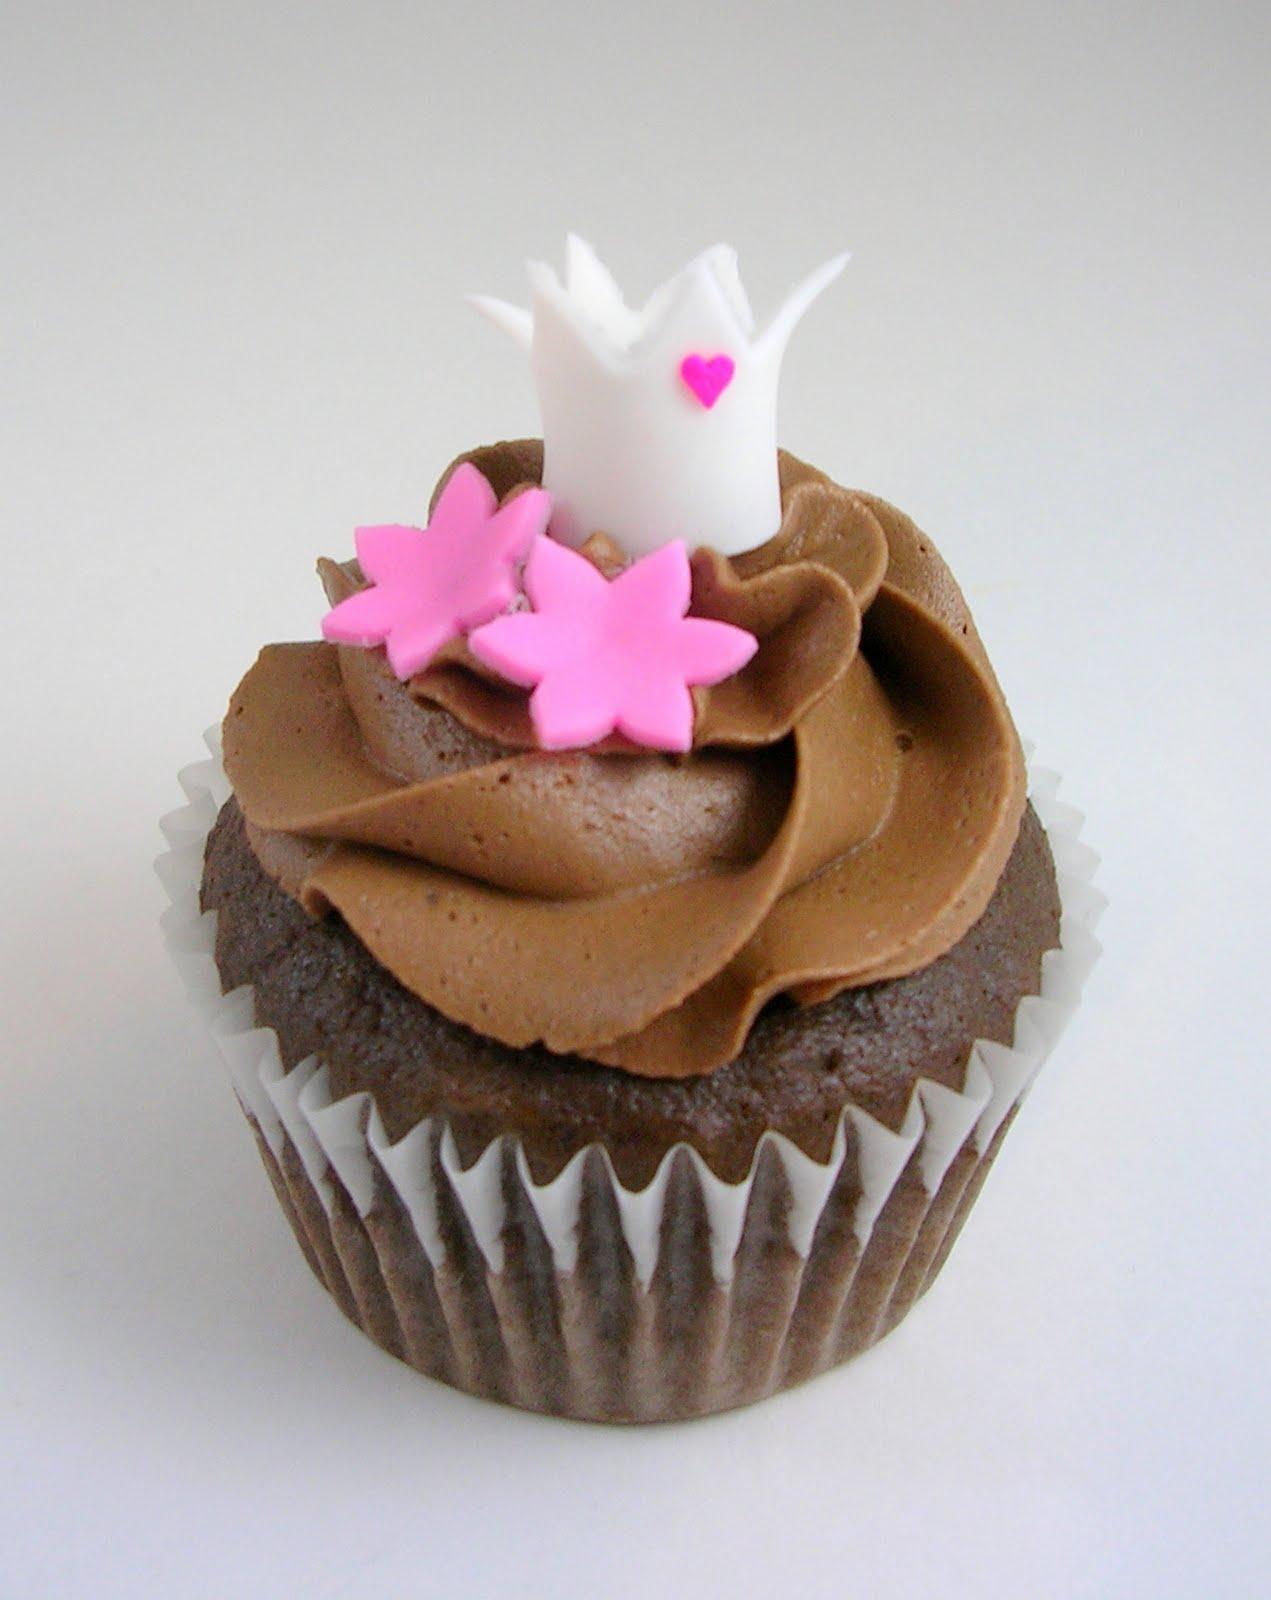 Chocolate Princess Birthday Cupcakes